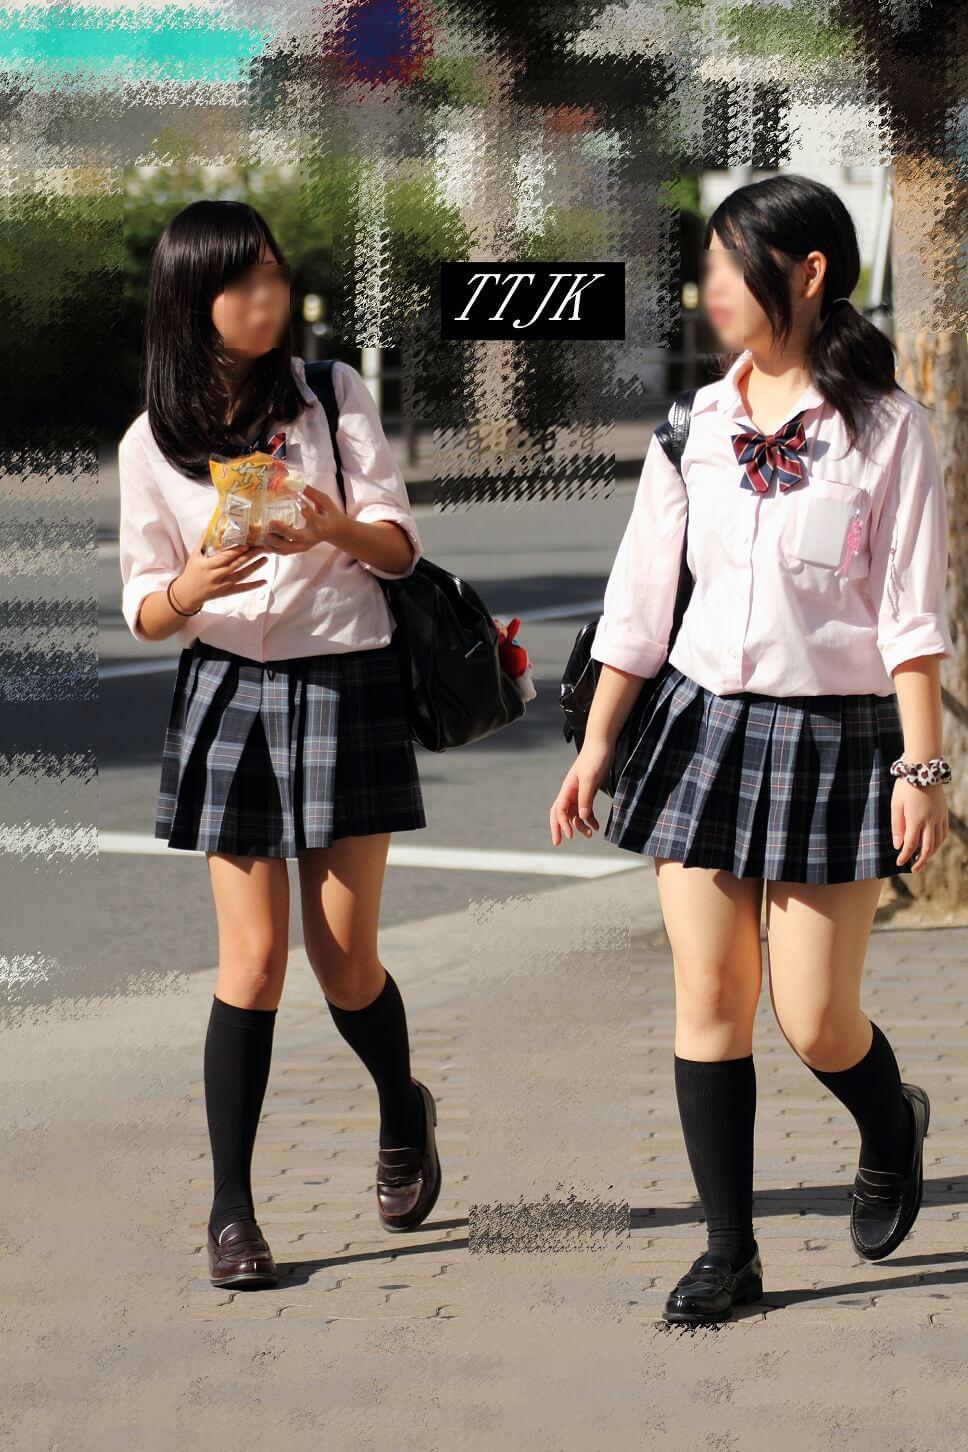 シコい待撮り女子高生の写真